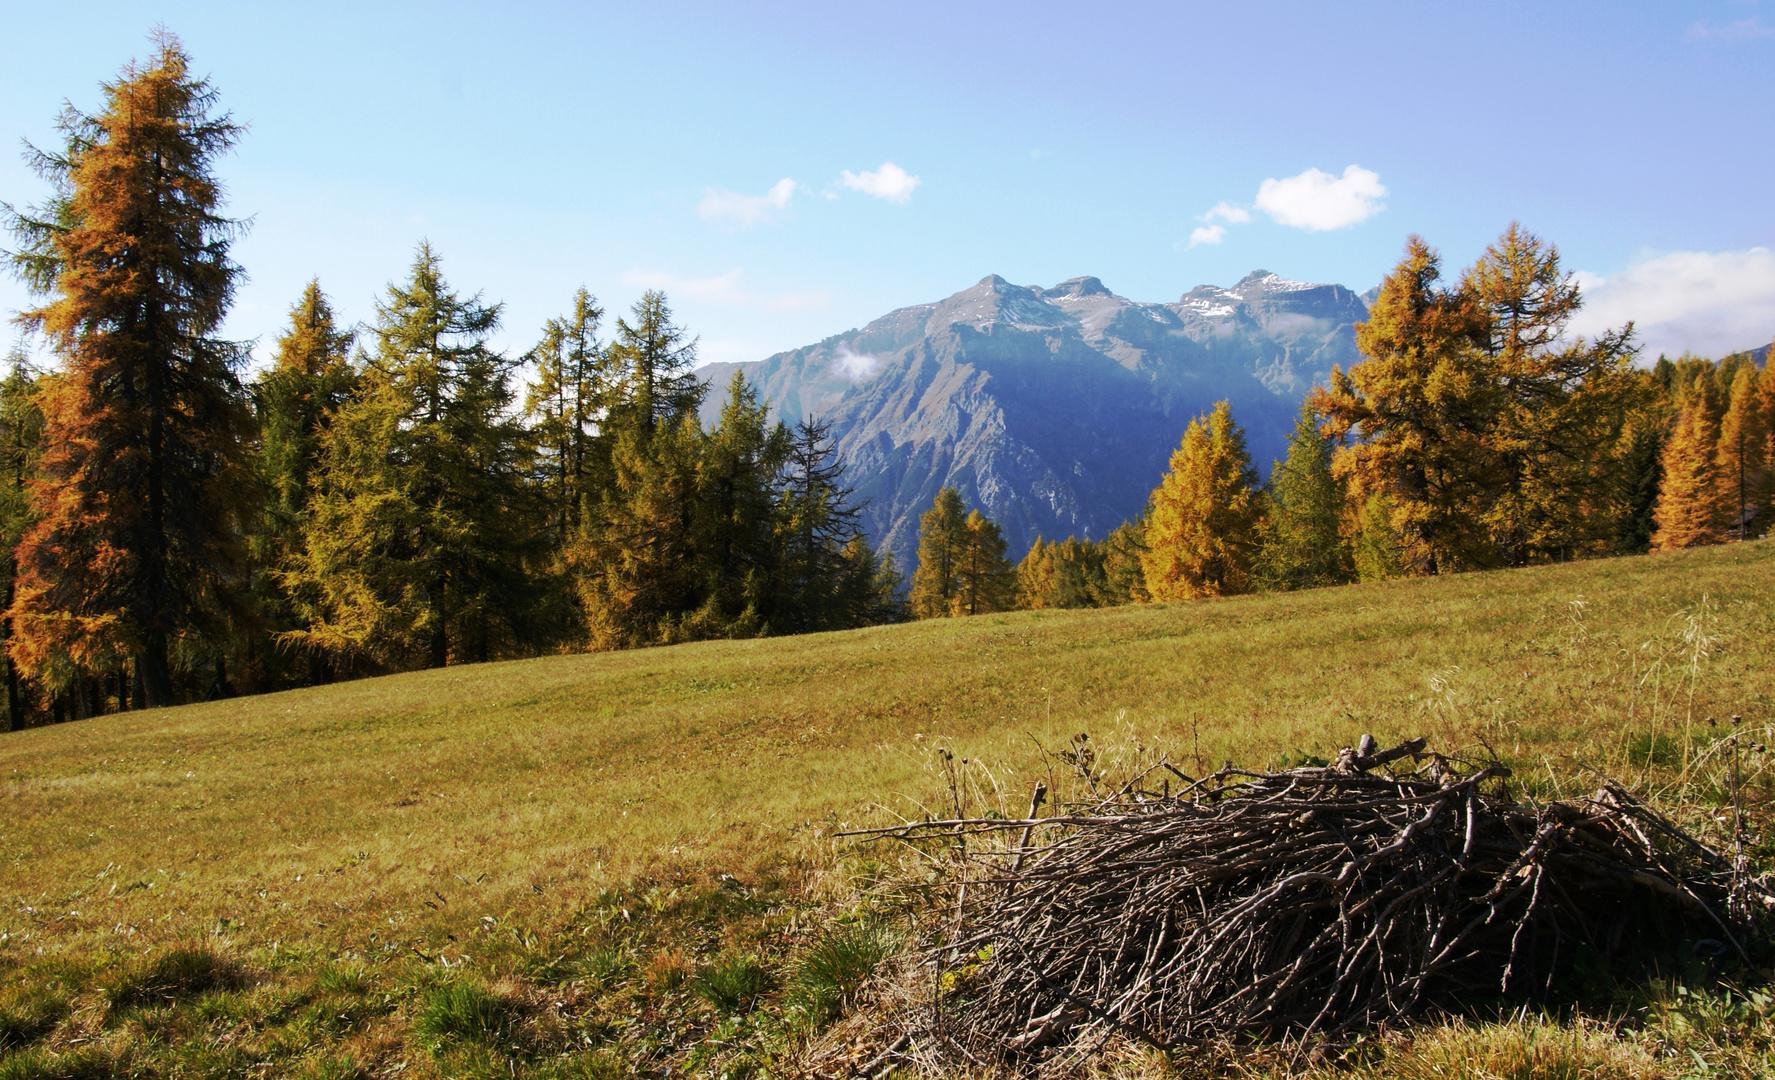 Wiesen - Lärchen - Berge